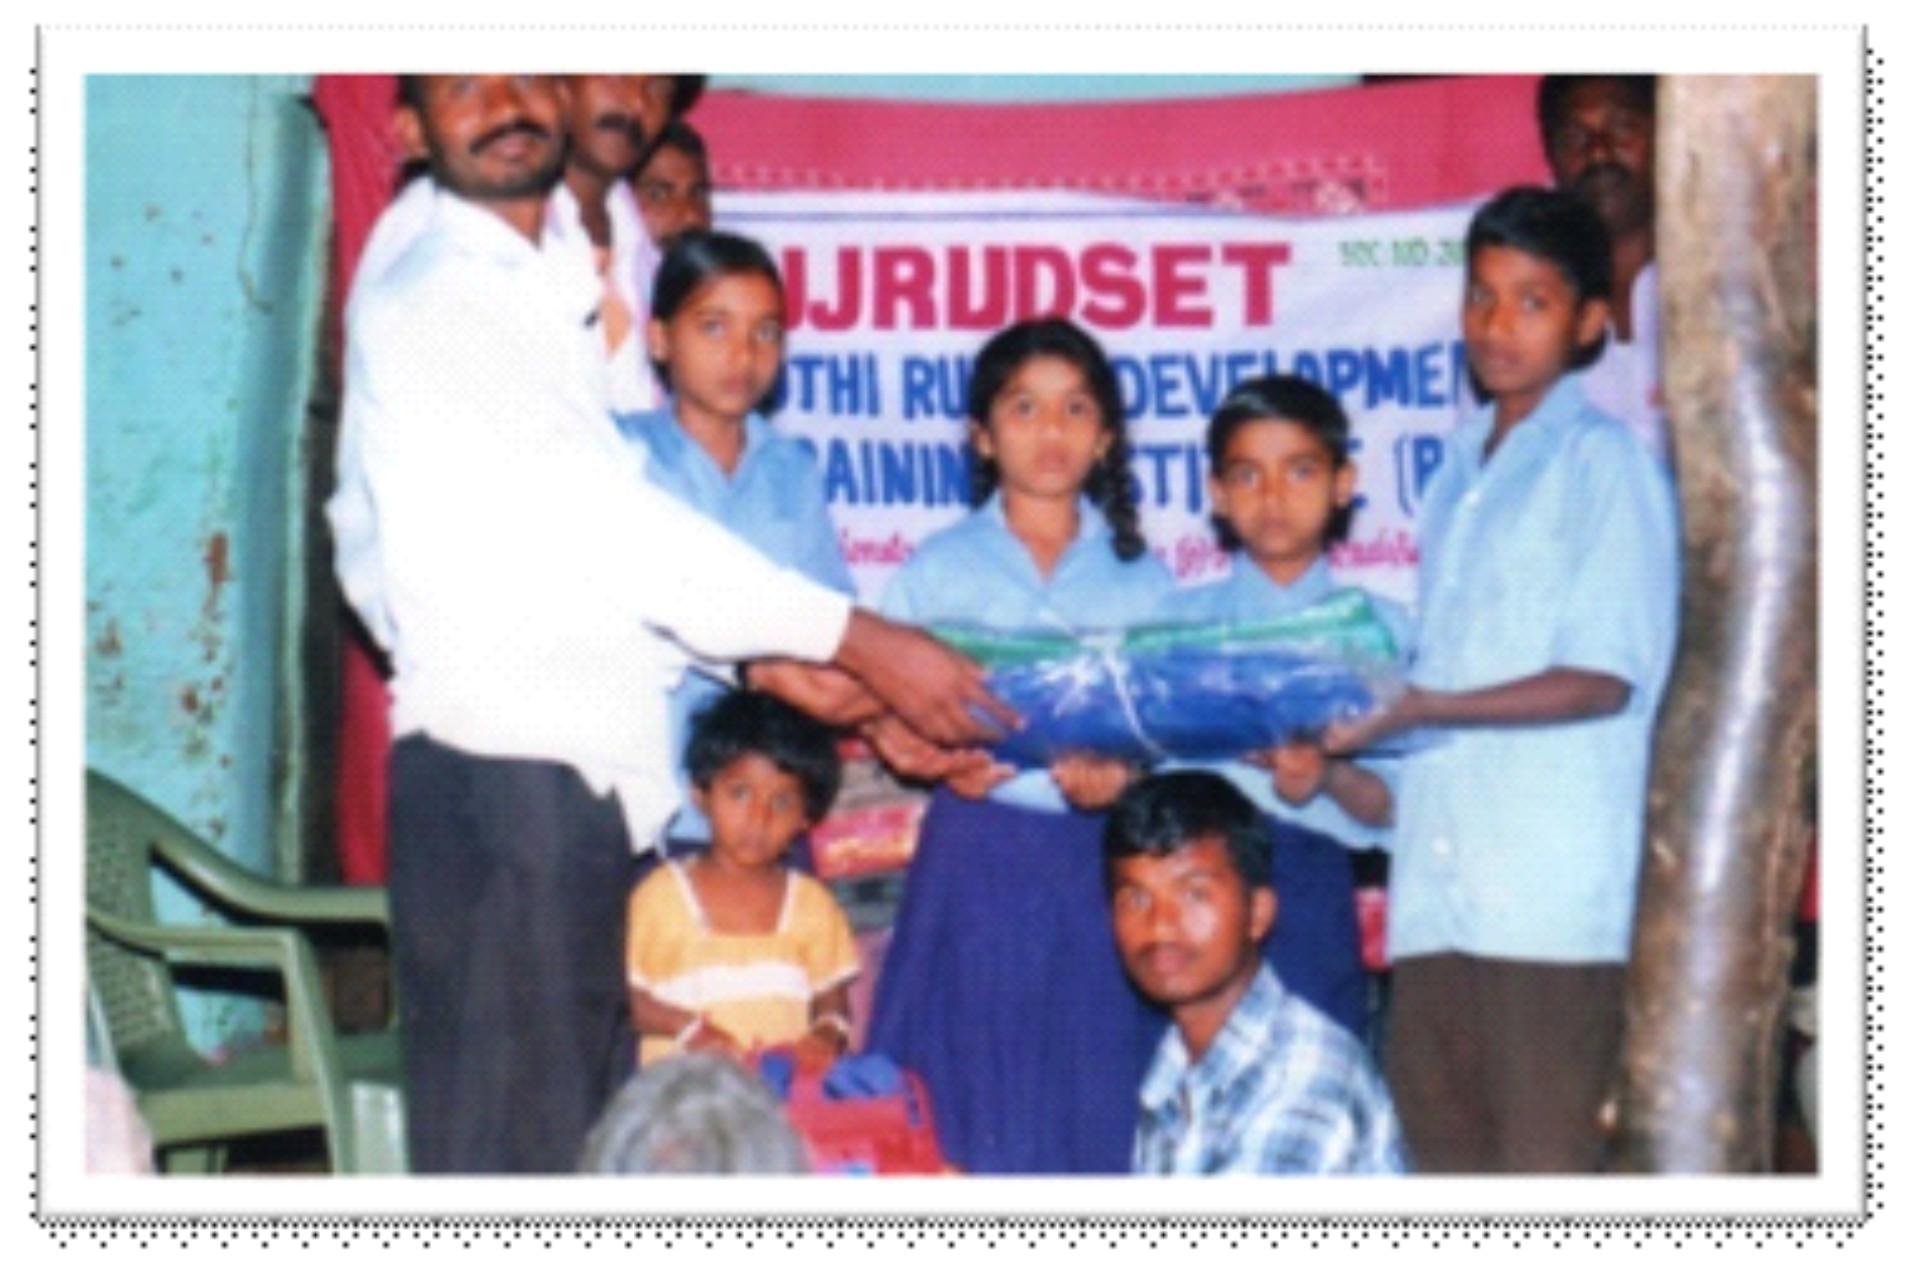 /media/jjrdseti/jjrds_14_school_children_uniform_issue_programm.jpg